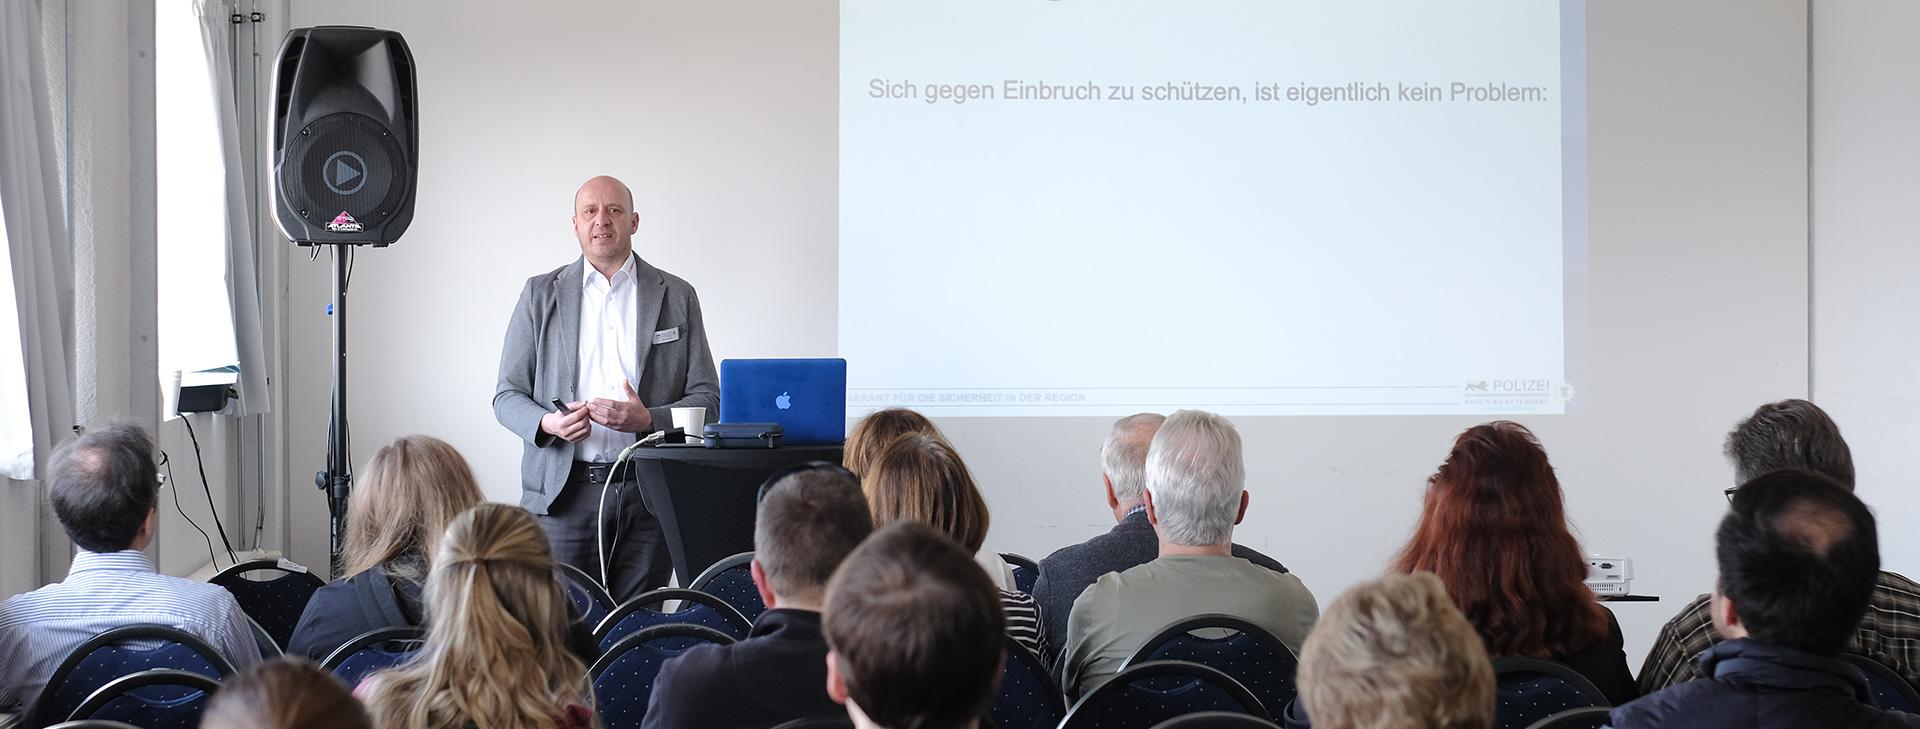 Baumesse_Slider-Vorträge